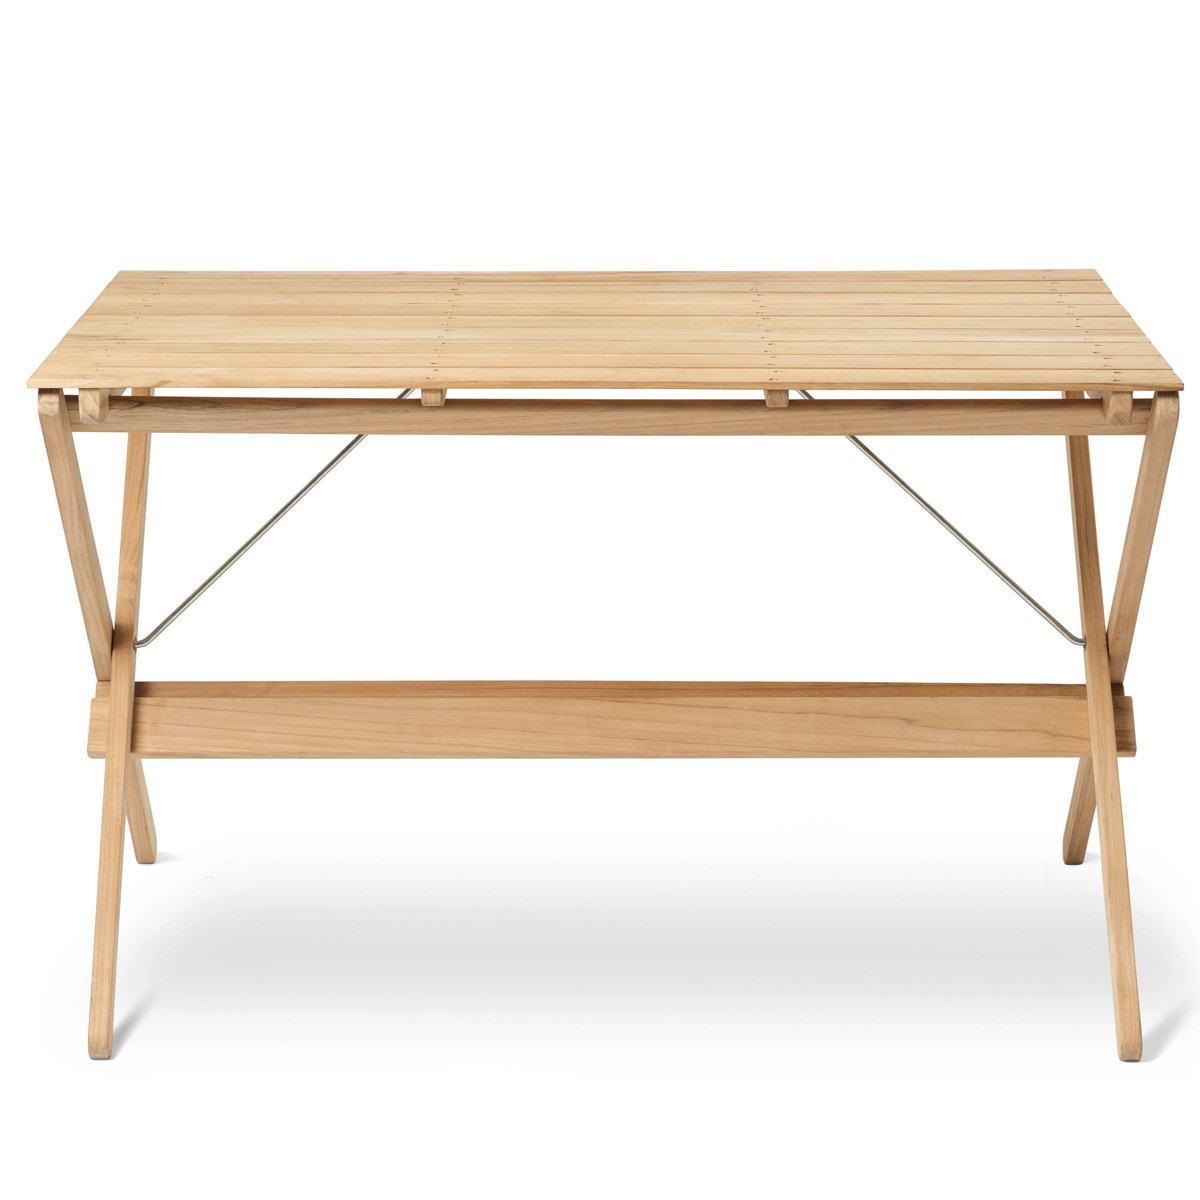 Carl Hansen BM3670 Dining Table